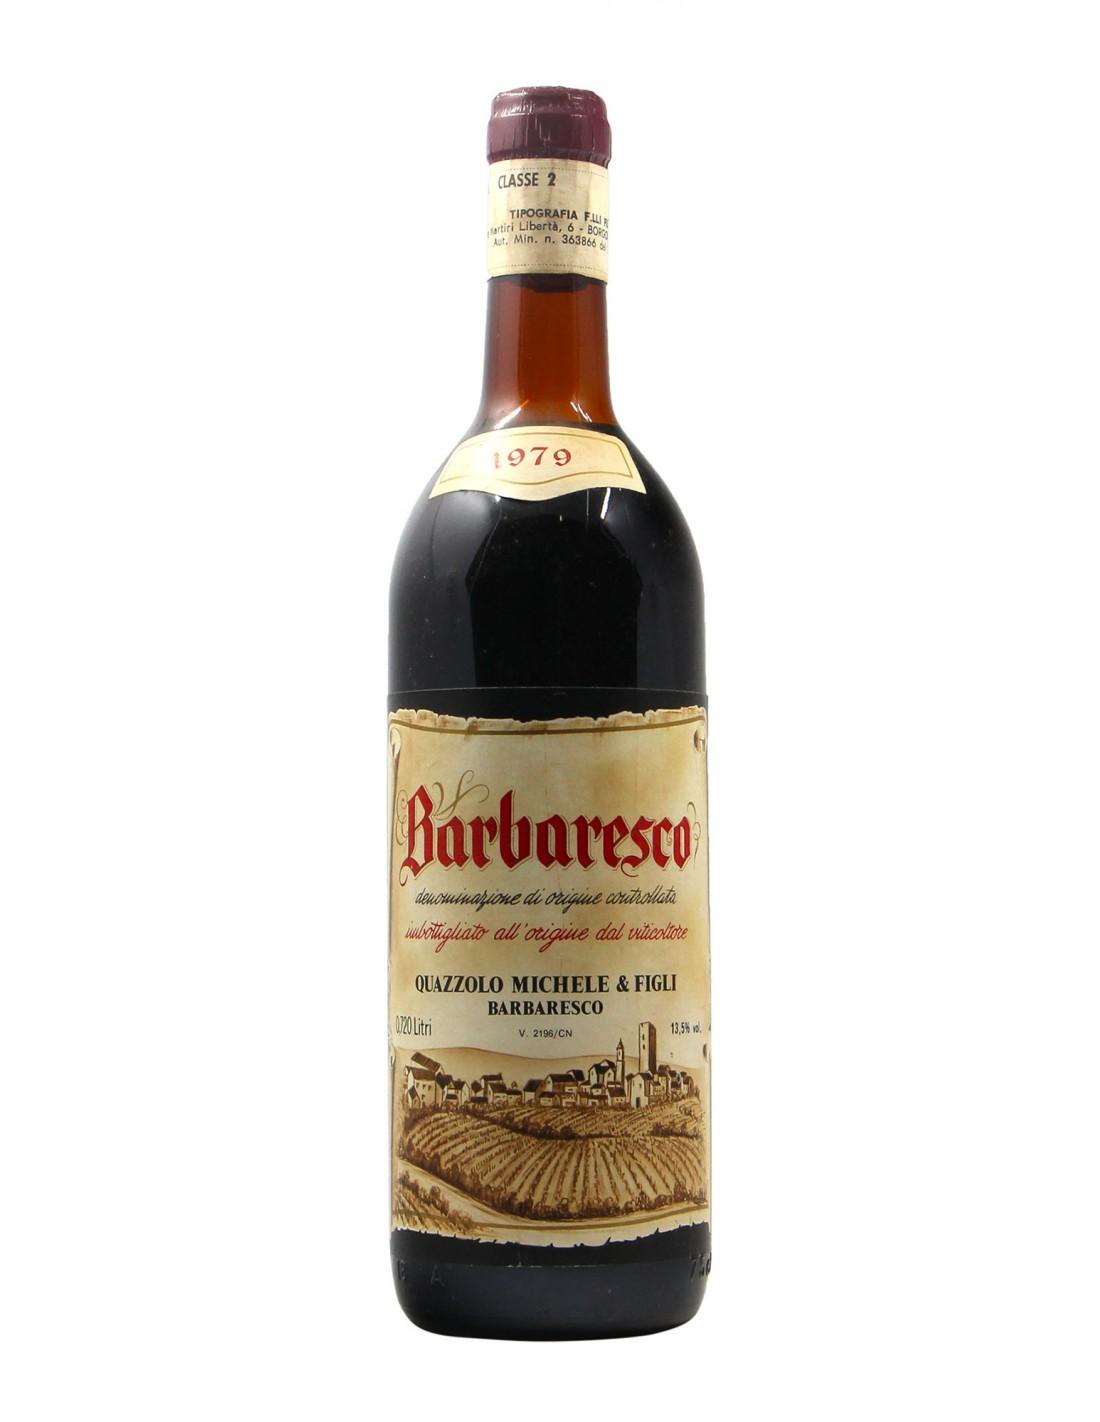 BARBARESCO 1979 MICHELE QUAZZOLO Grandi Bottiglie